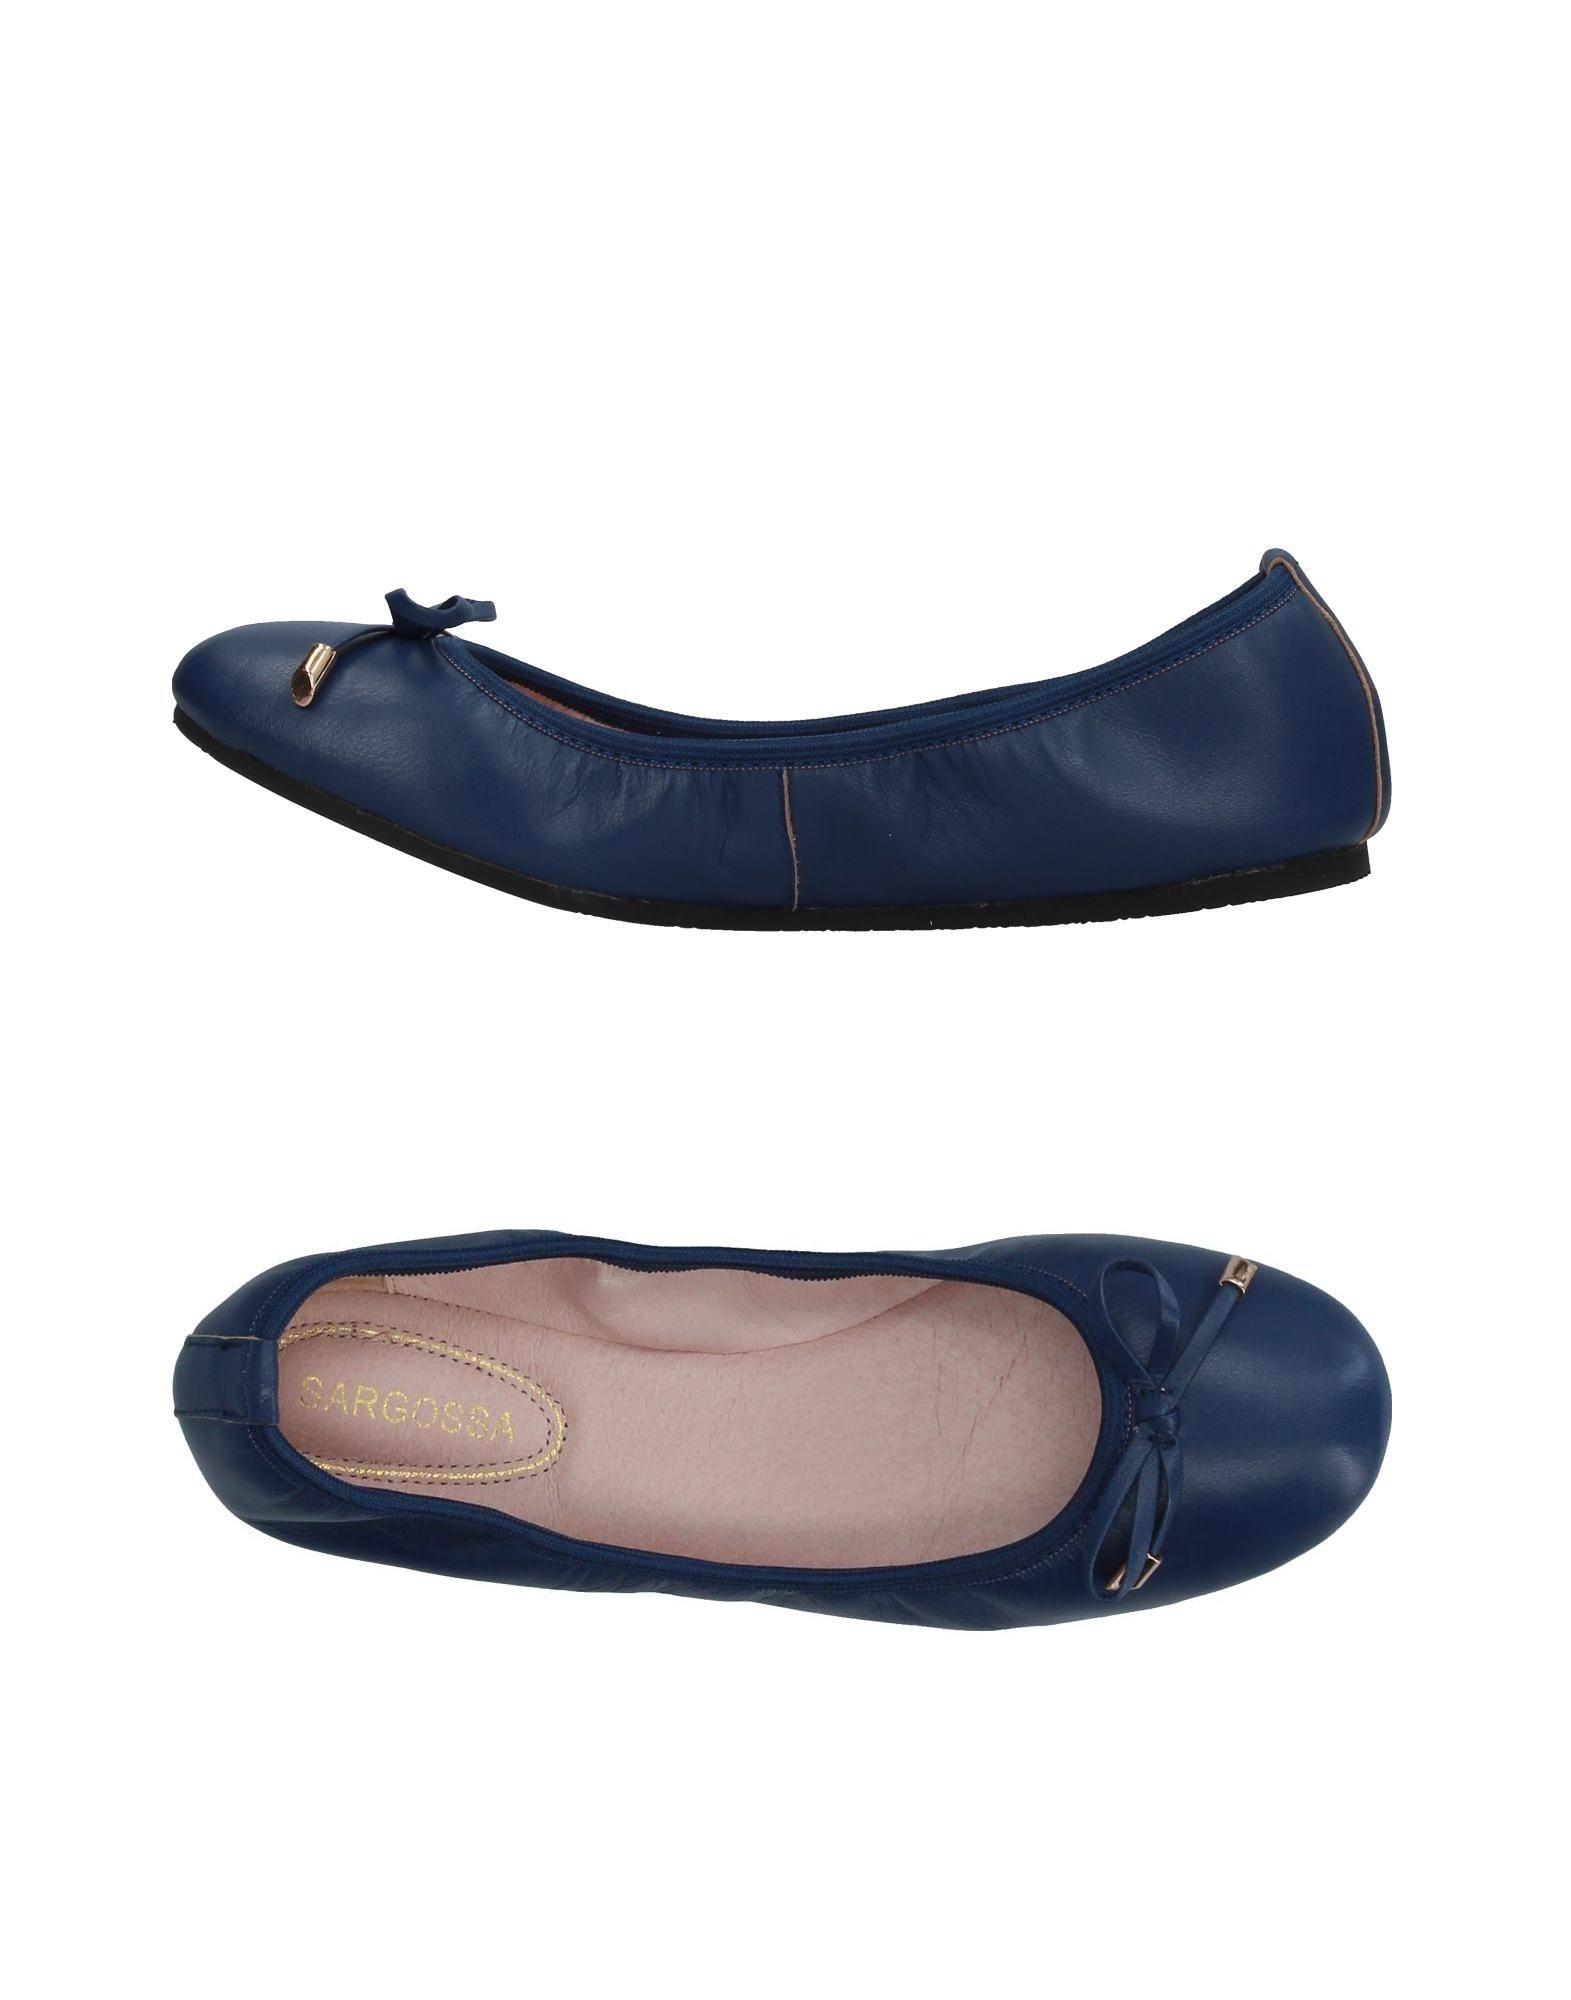 Sargossa Ballerinas Damen  11353760CF Gute Qualität beliebte Schuhe